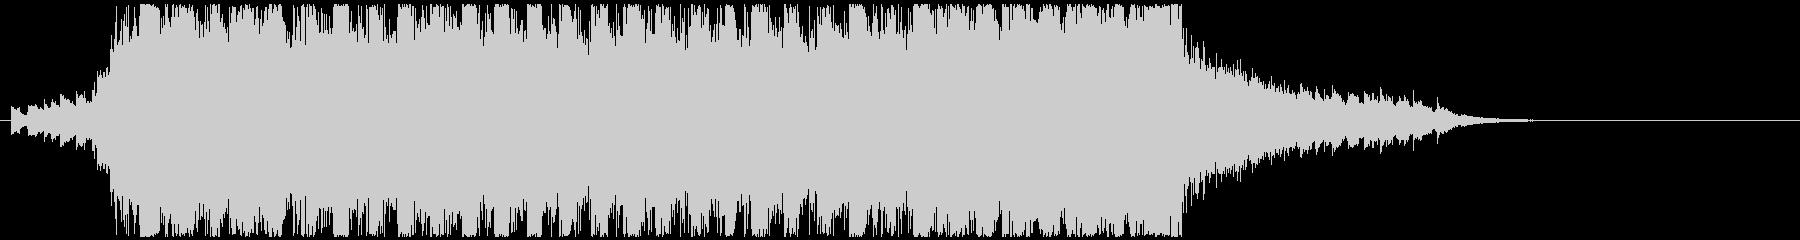 ジングル - オーロラアドベンチャーの未再生の波形